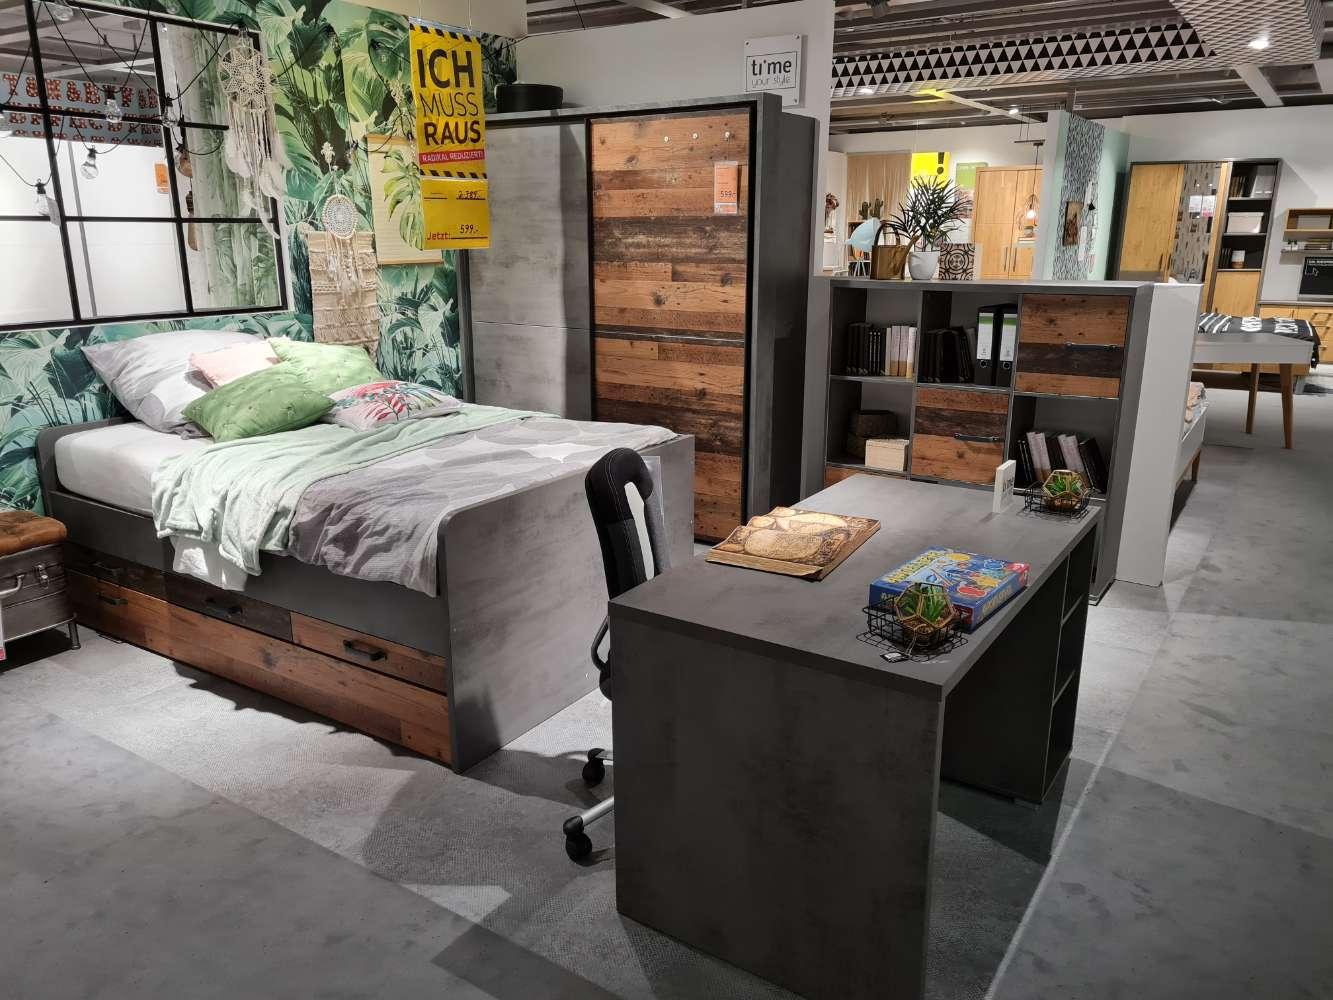 Jugendzimmer Braun-Old style Dunkel, Grau-Betonoptik mit Schrank+ Passepartoutrahmen, Bett, Schreibtisch, Wandboard und Regal Schlafzimmer XXXLutz